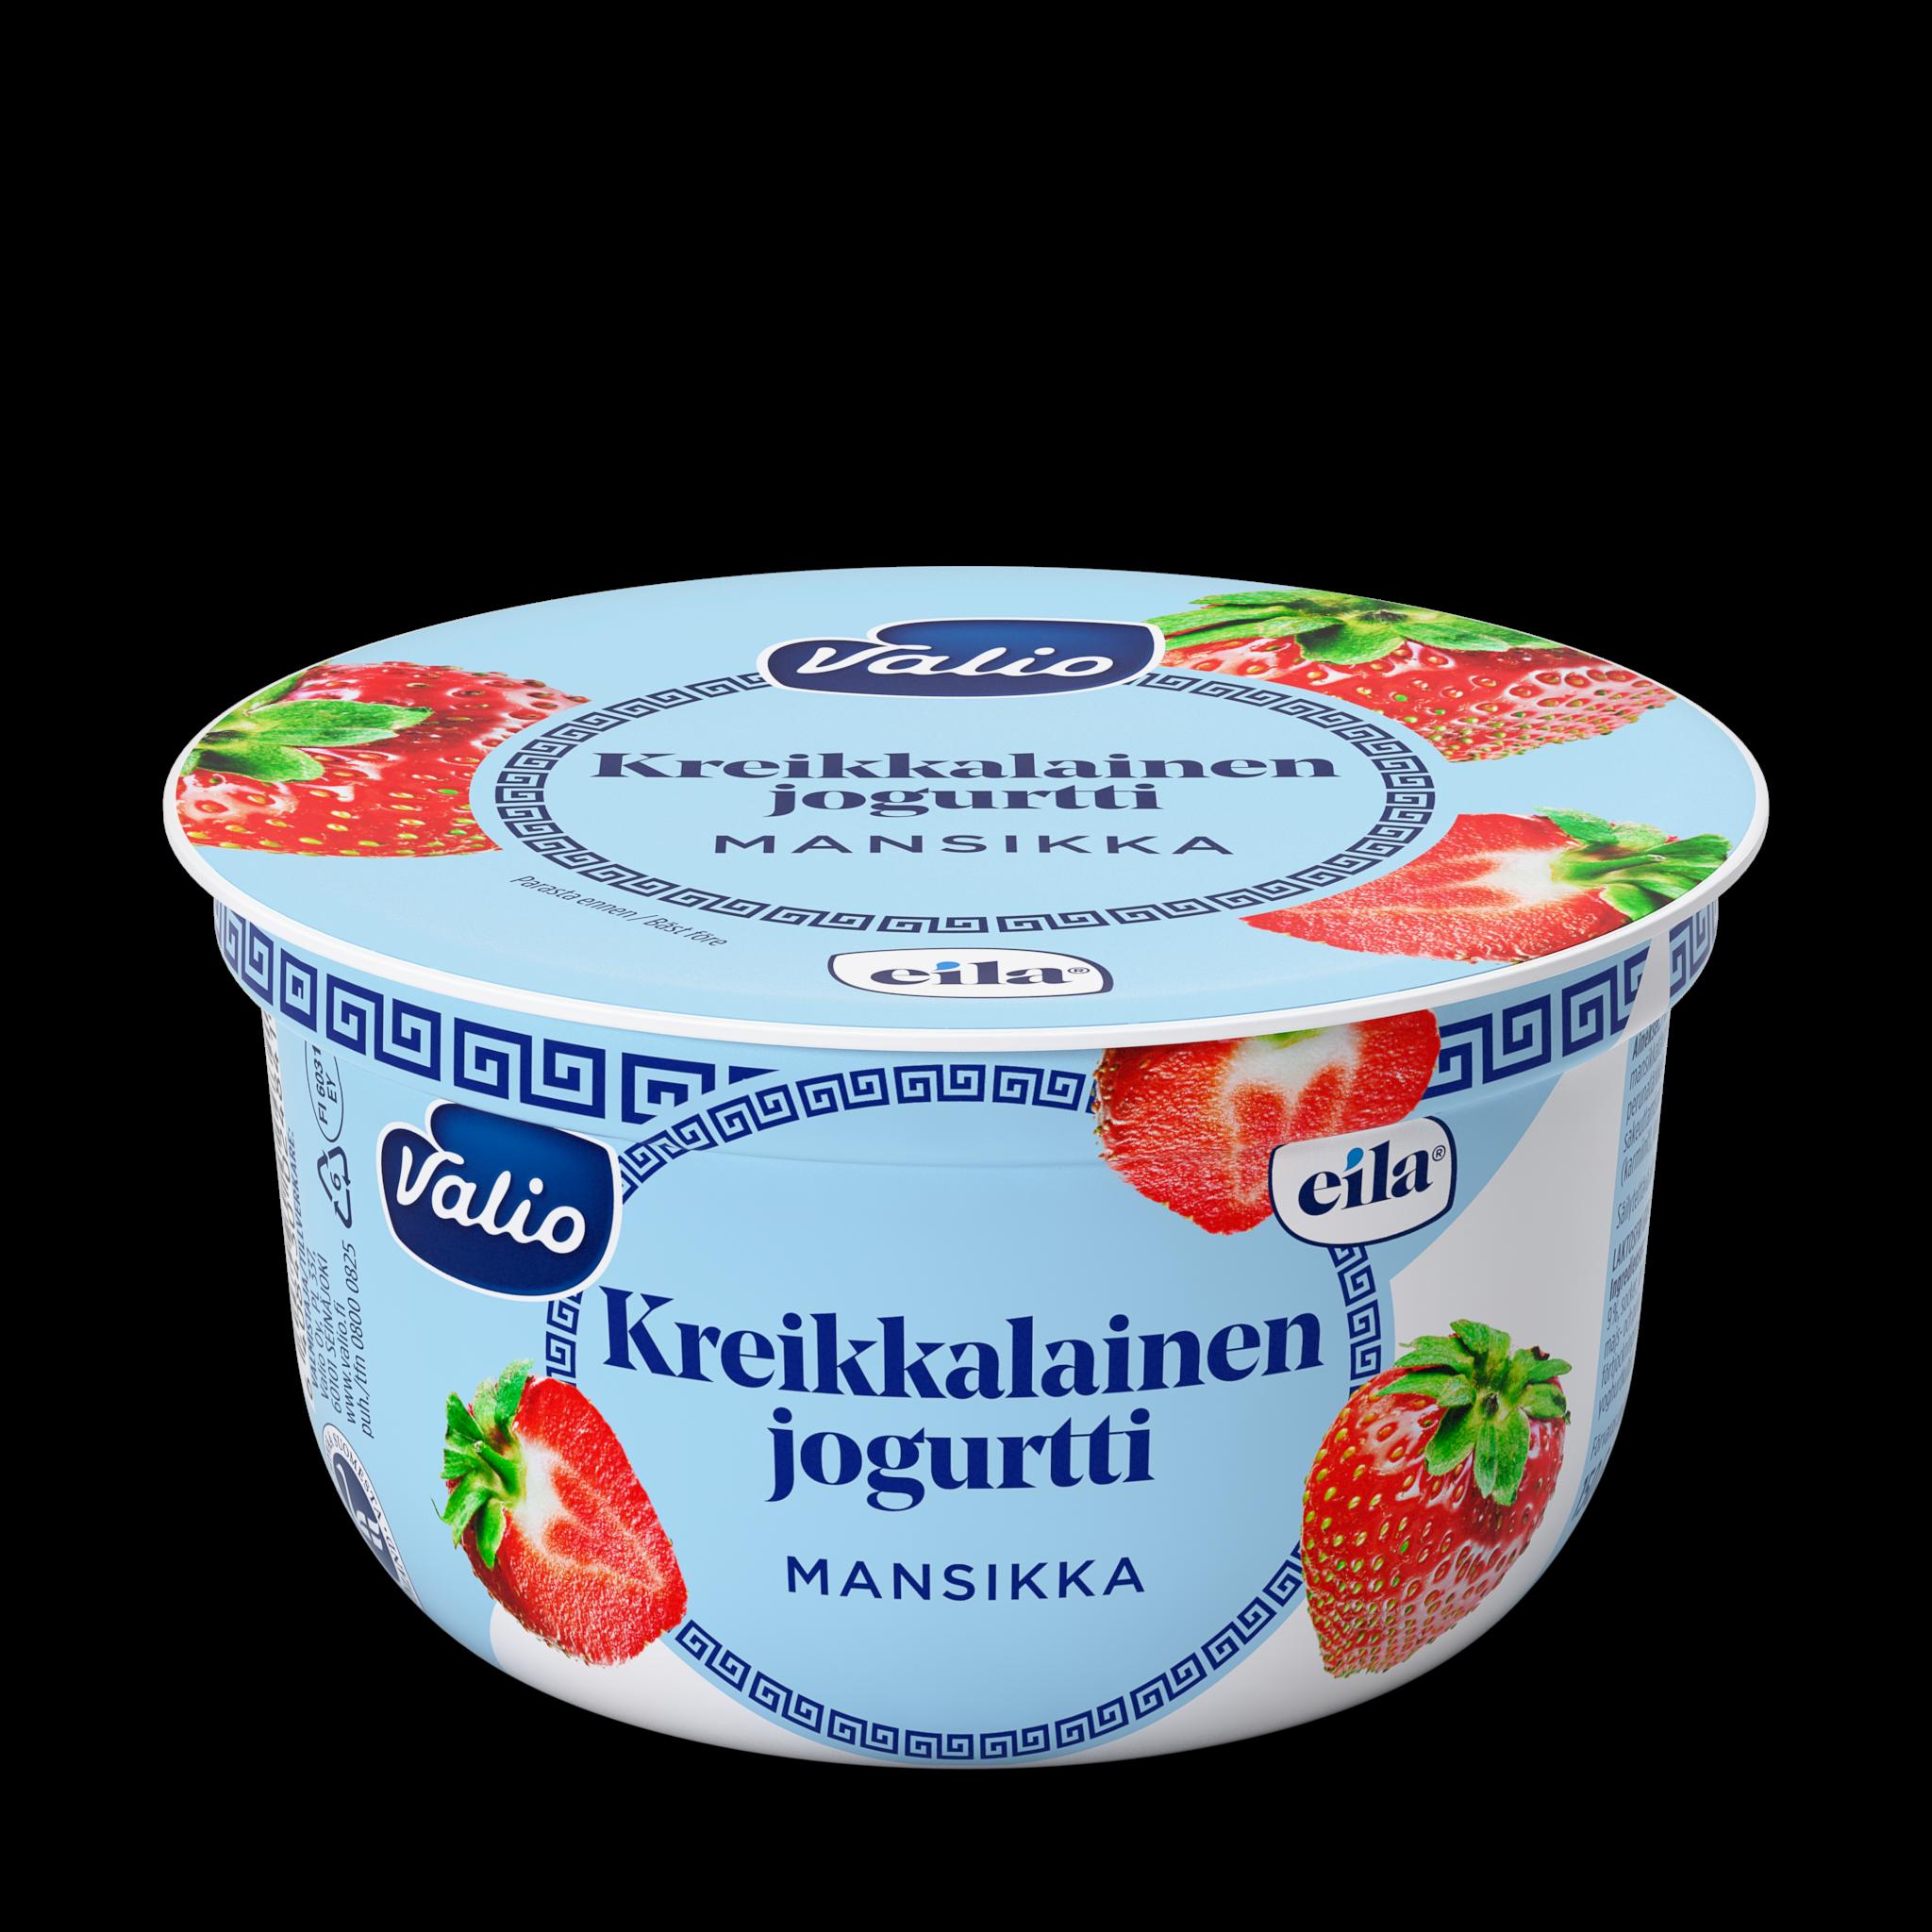 Valio kreikkalainen jogurtti mansikka laktoositon